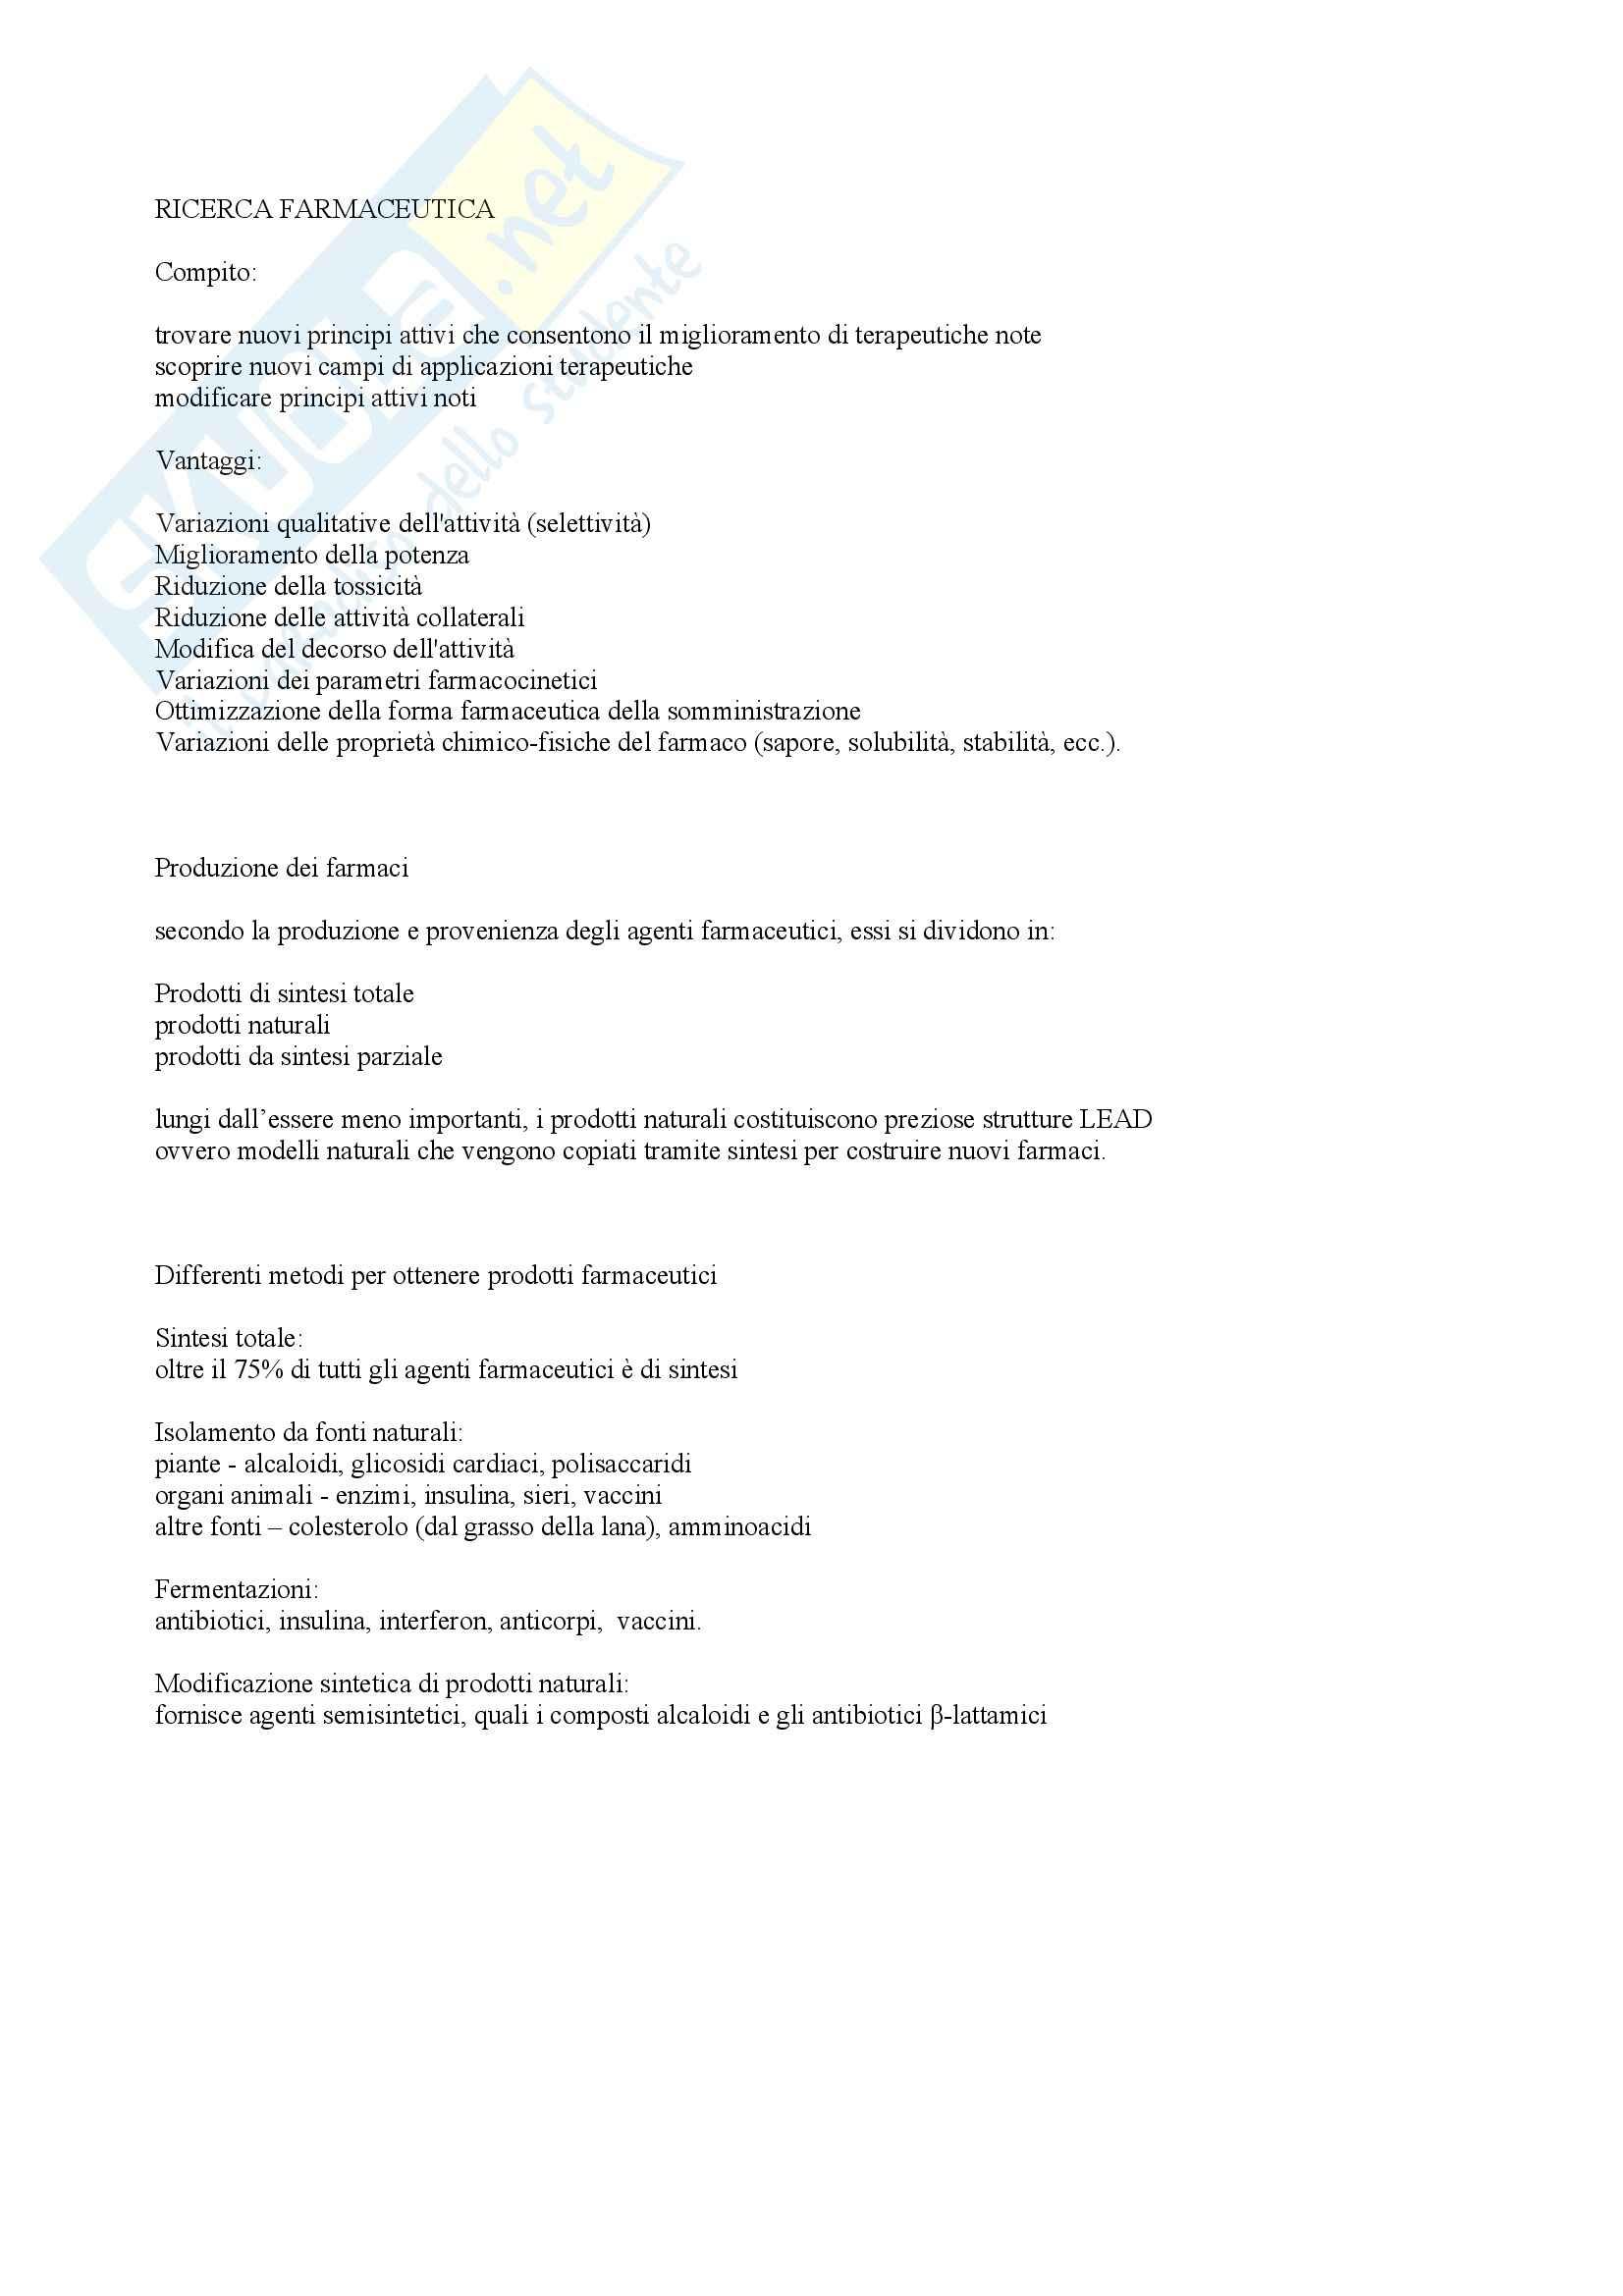 Chimica farmaceutica e tossicologica - parte generale